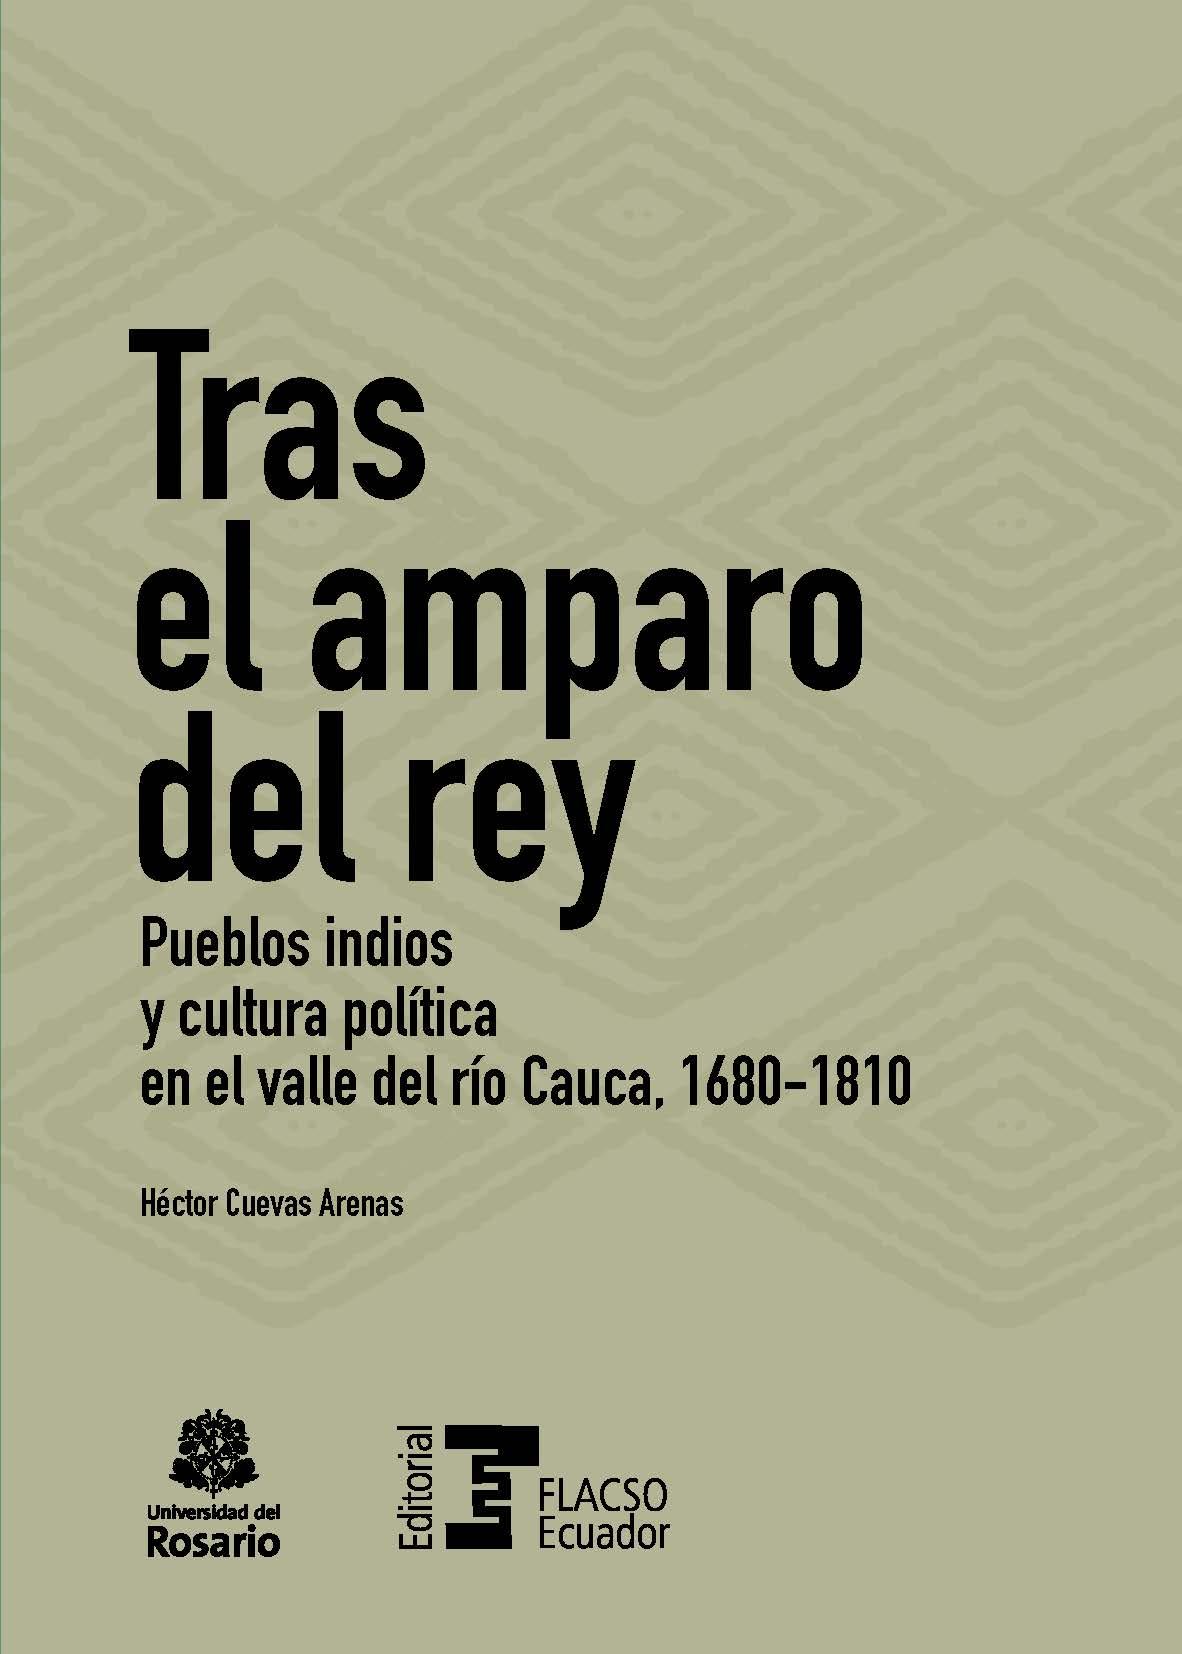 Tras el amparo del rey.  Pueblos indios y cultura política en el valle del río Cauca, 1680-1810